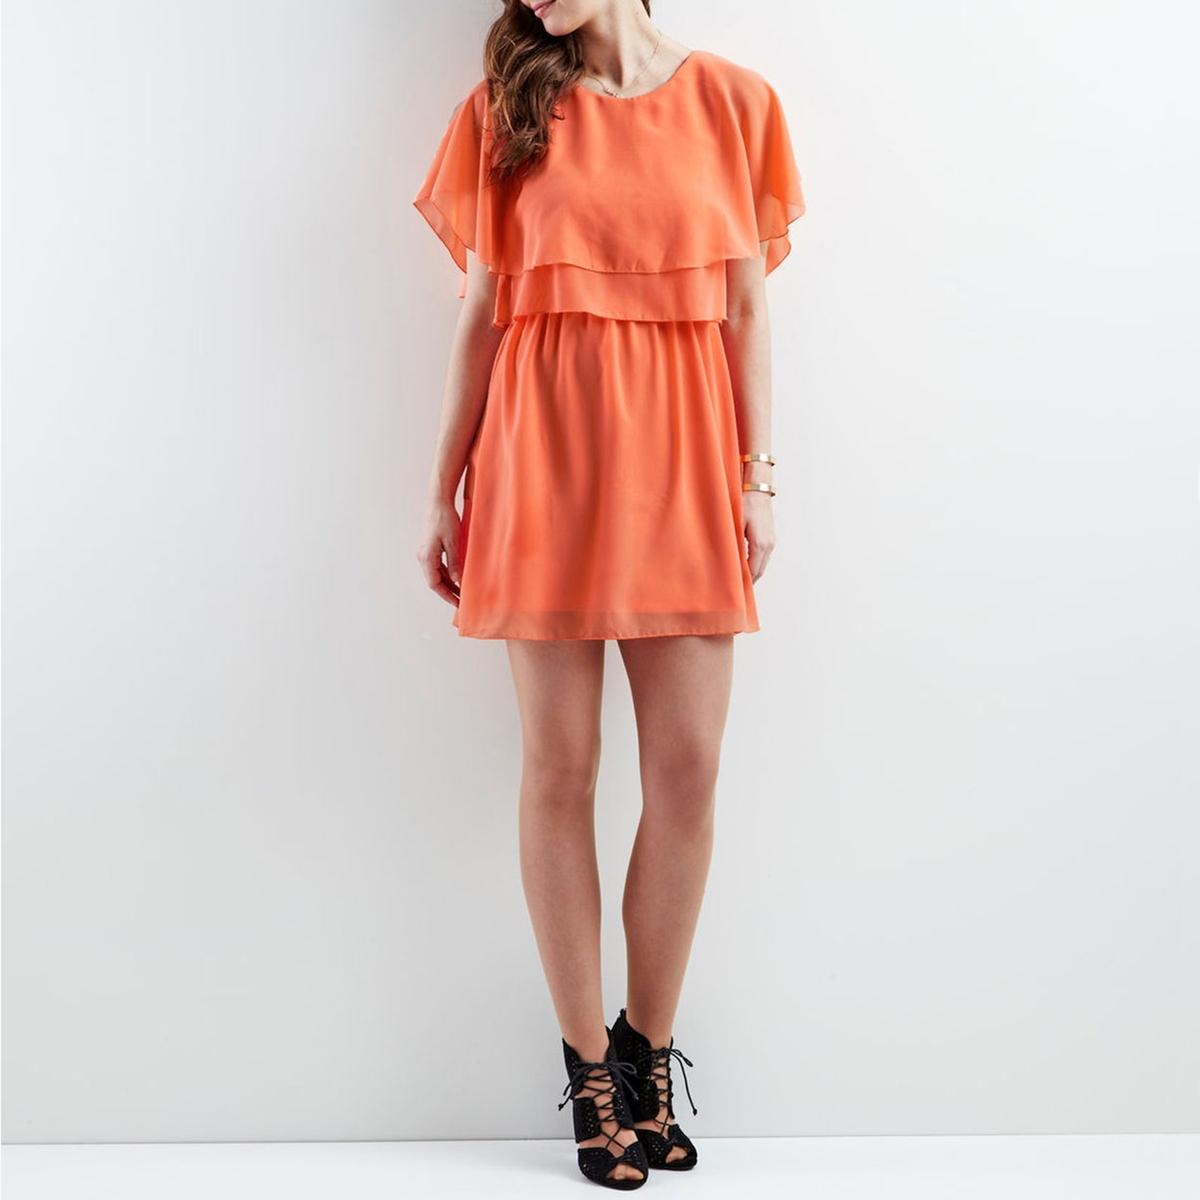 Платье с короткими рукавами с воланами с эффектом наложения тканей